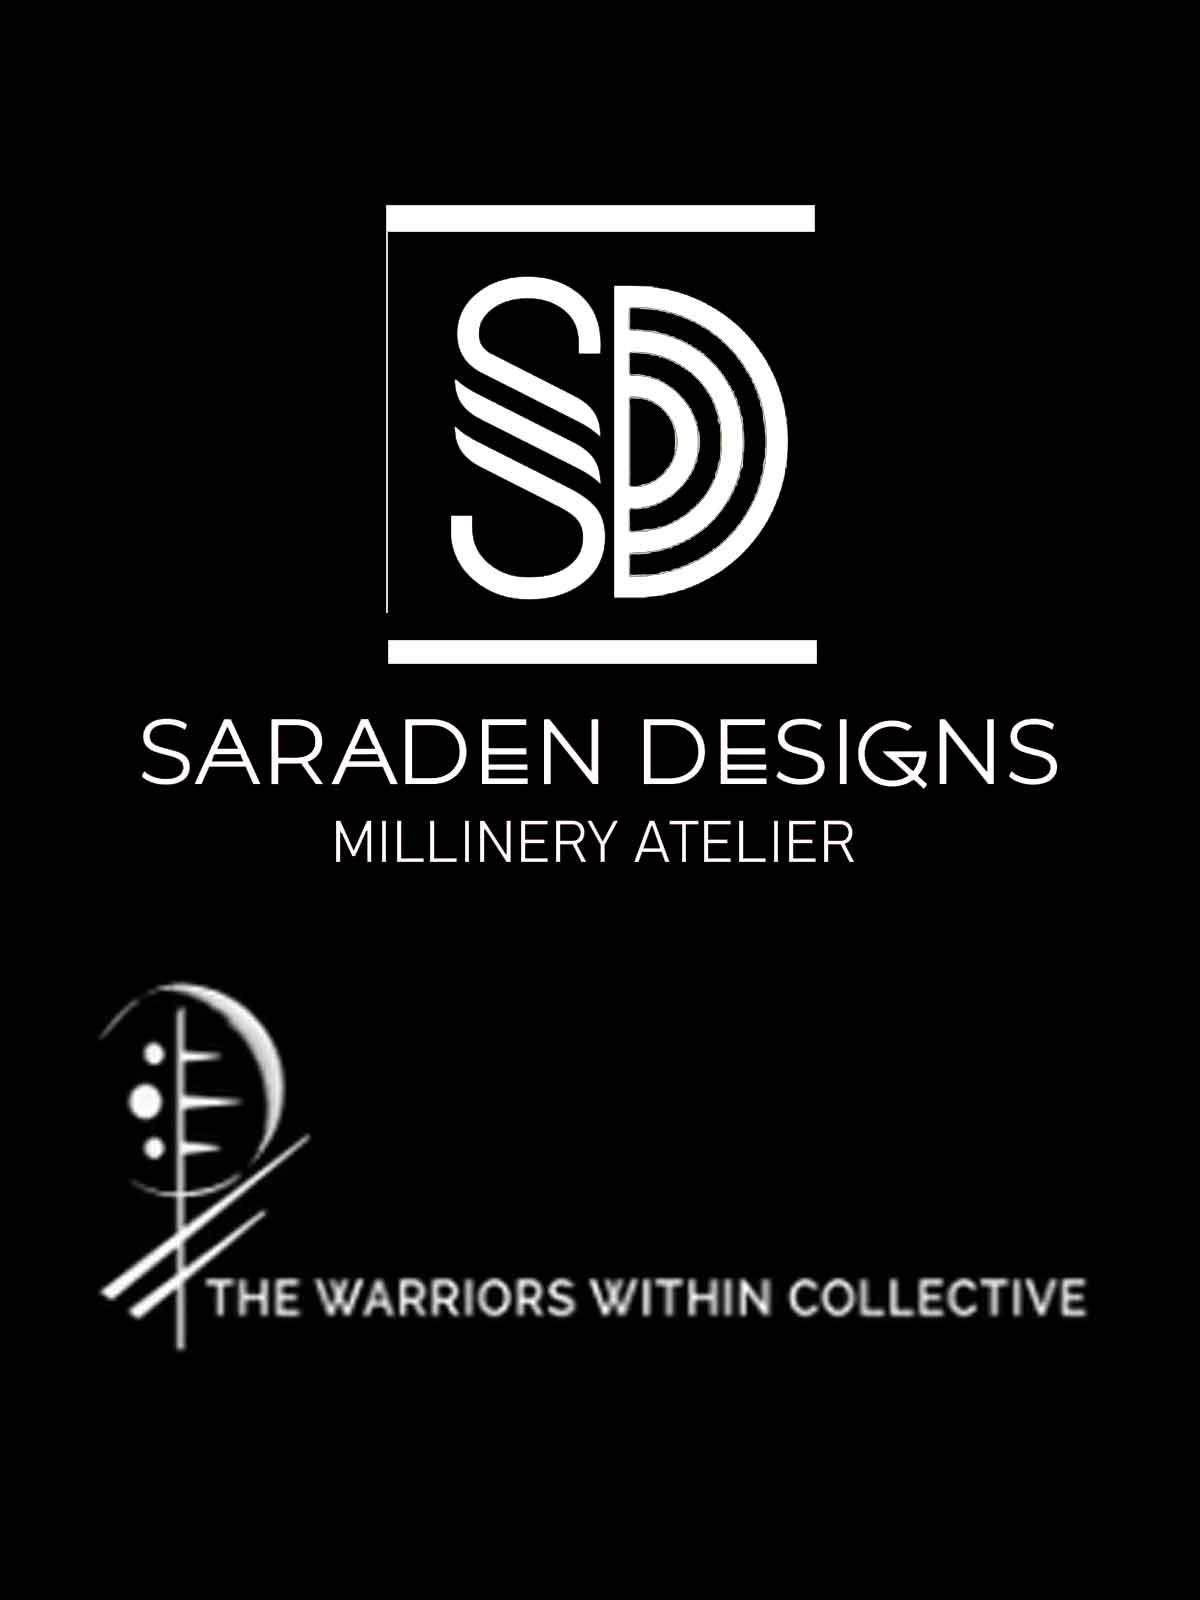 Saraden Designs Published